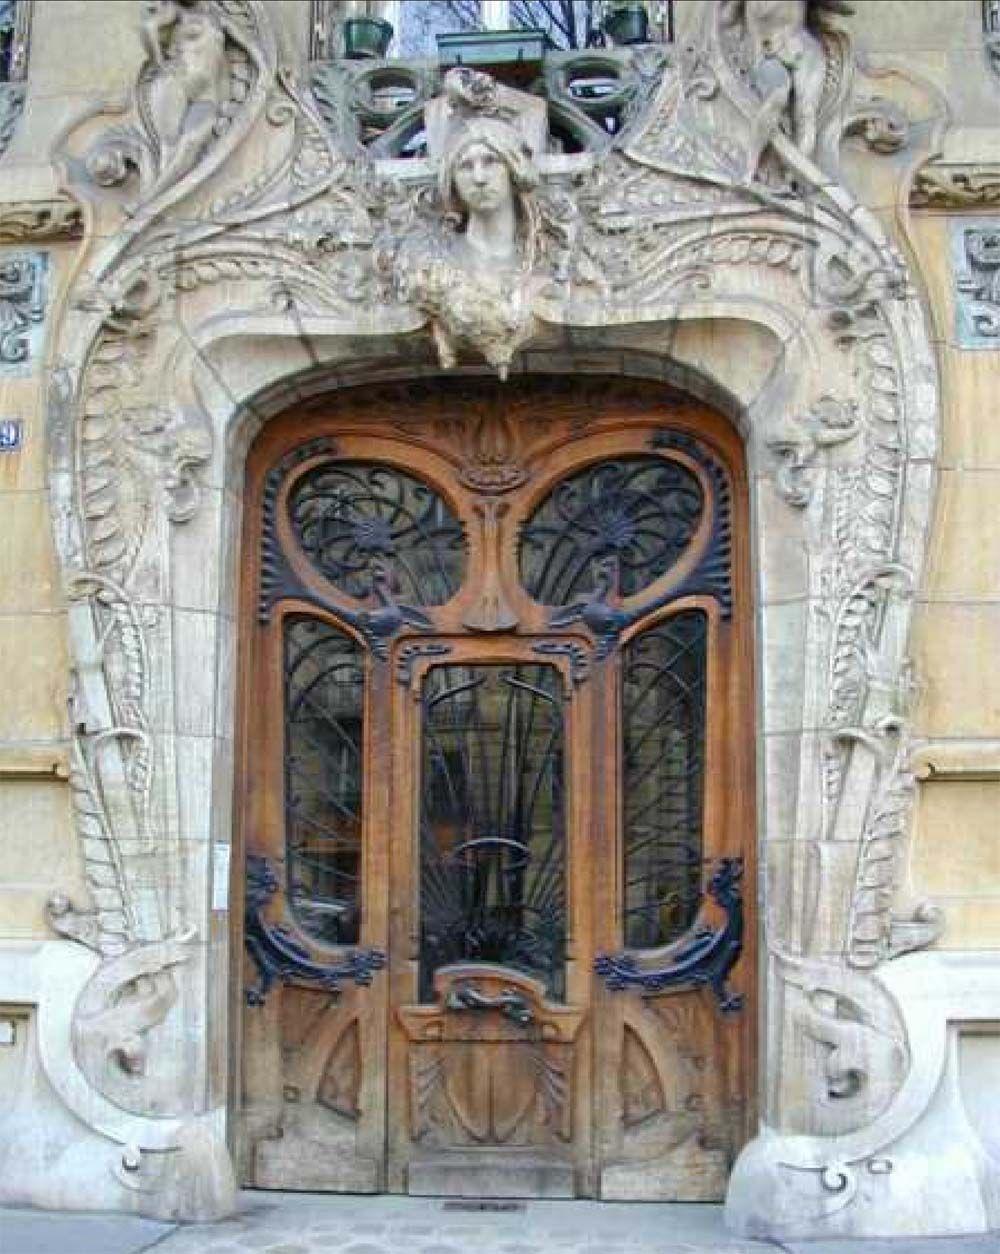 Architecture art nouveau GE University Culture Alanya HEP